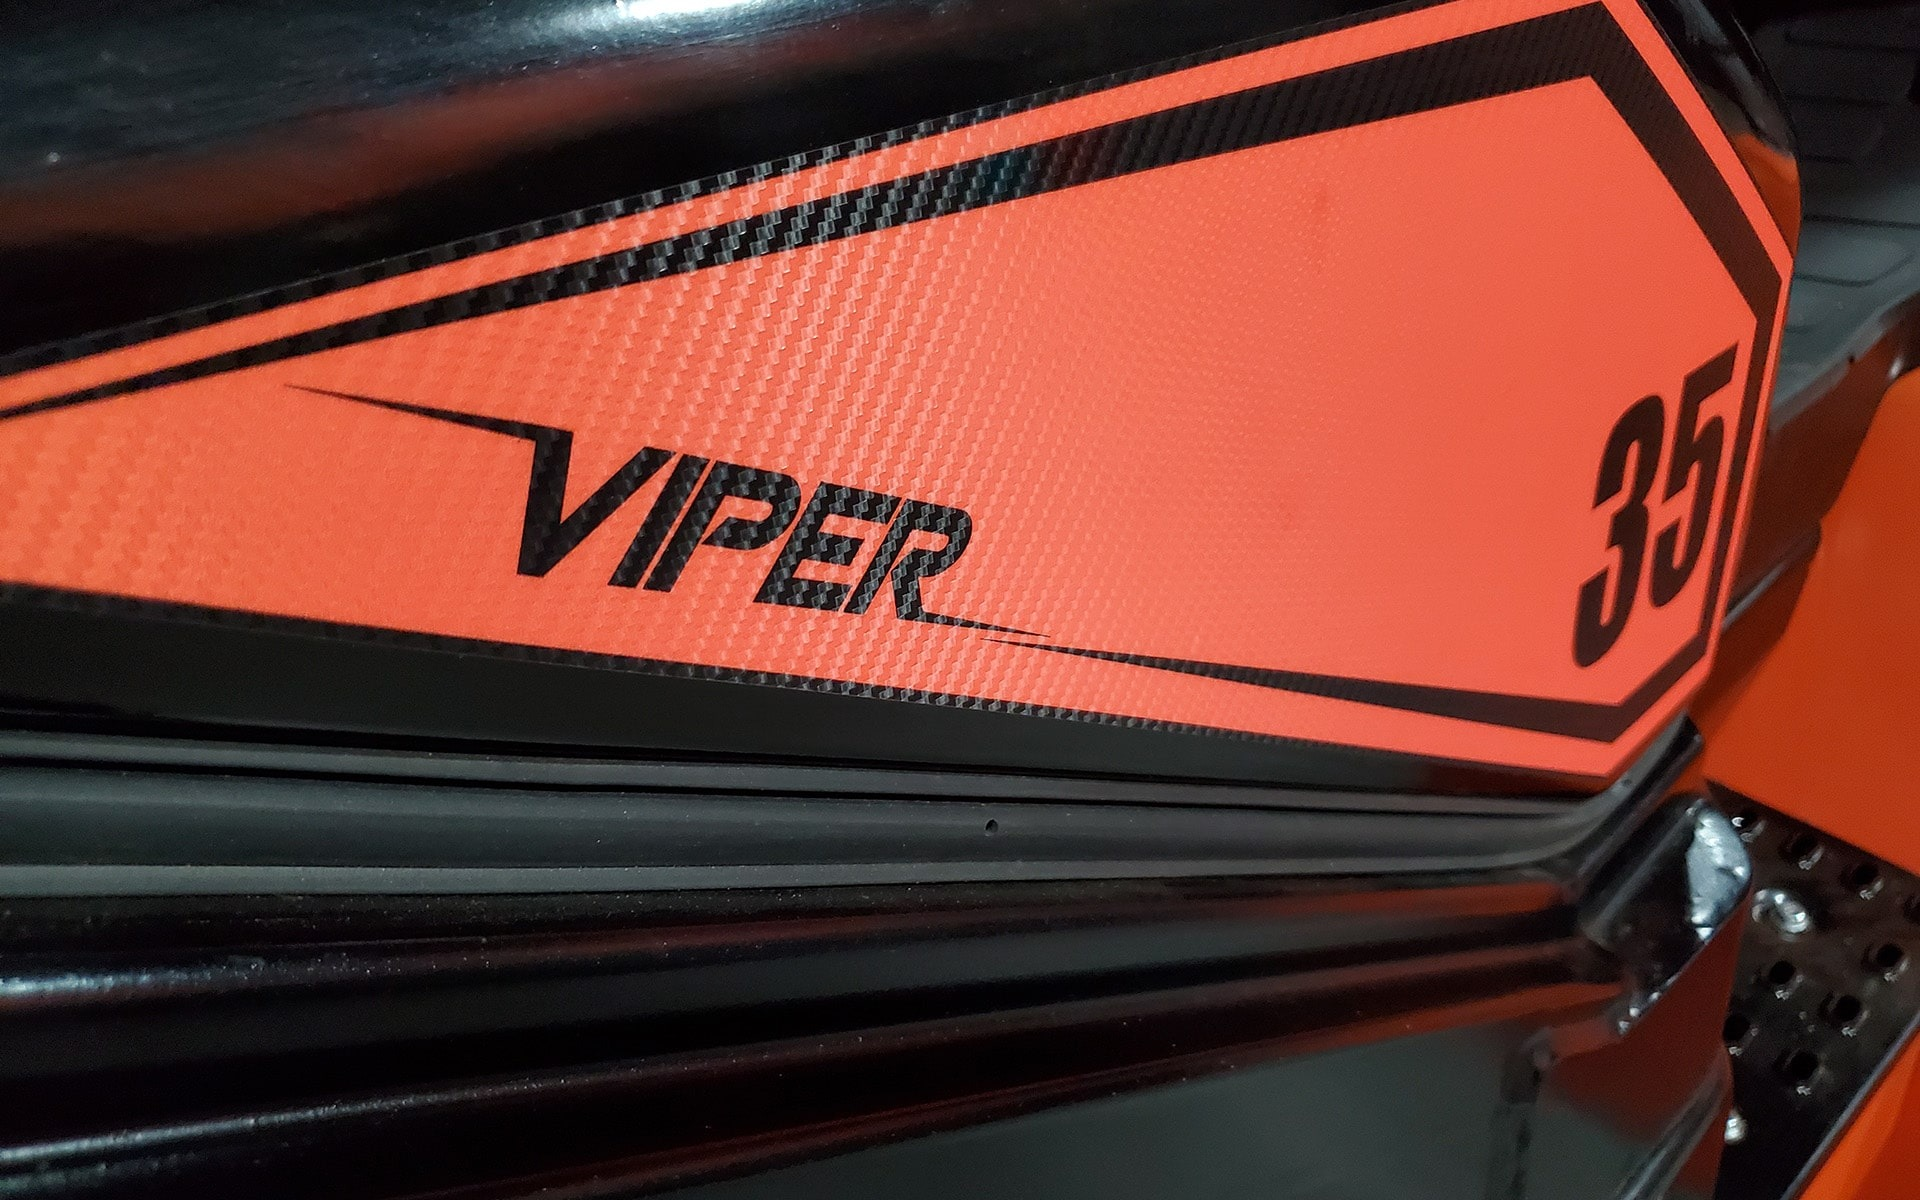 New 2021 VIPER FD35  | Cary, IL